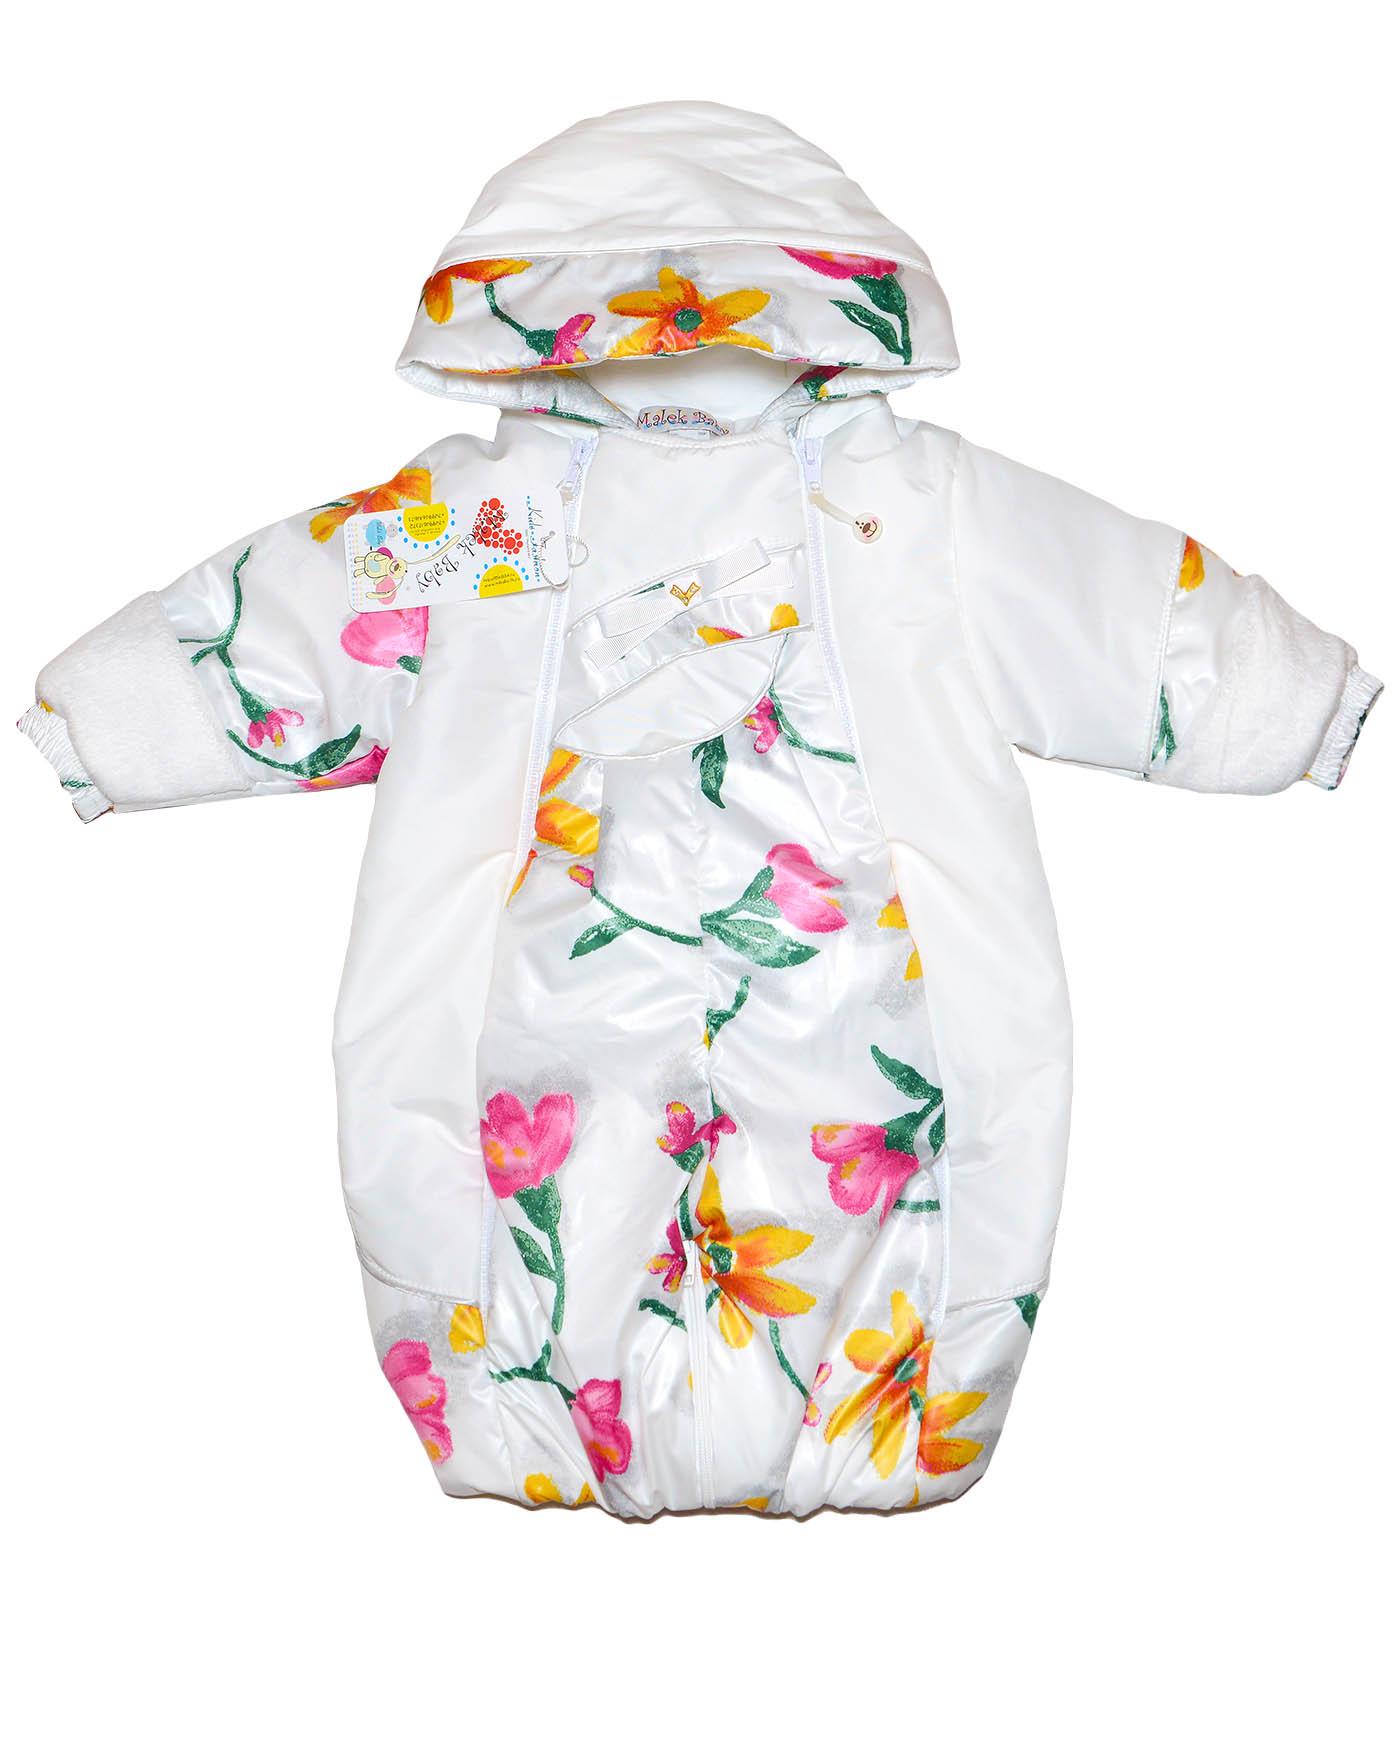 Фото весенний комбинезон для новорожденного